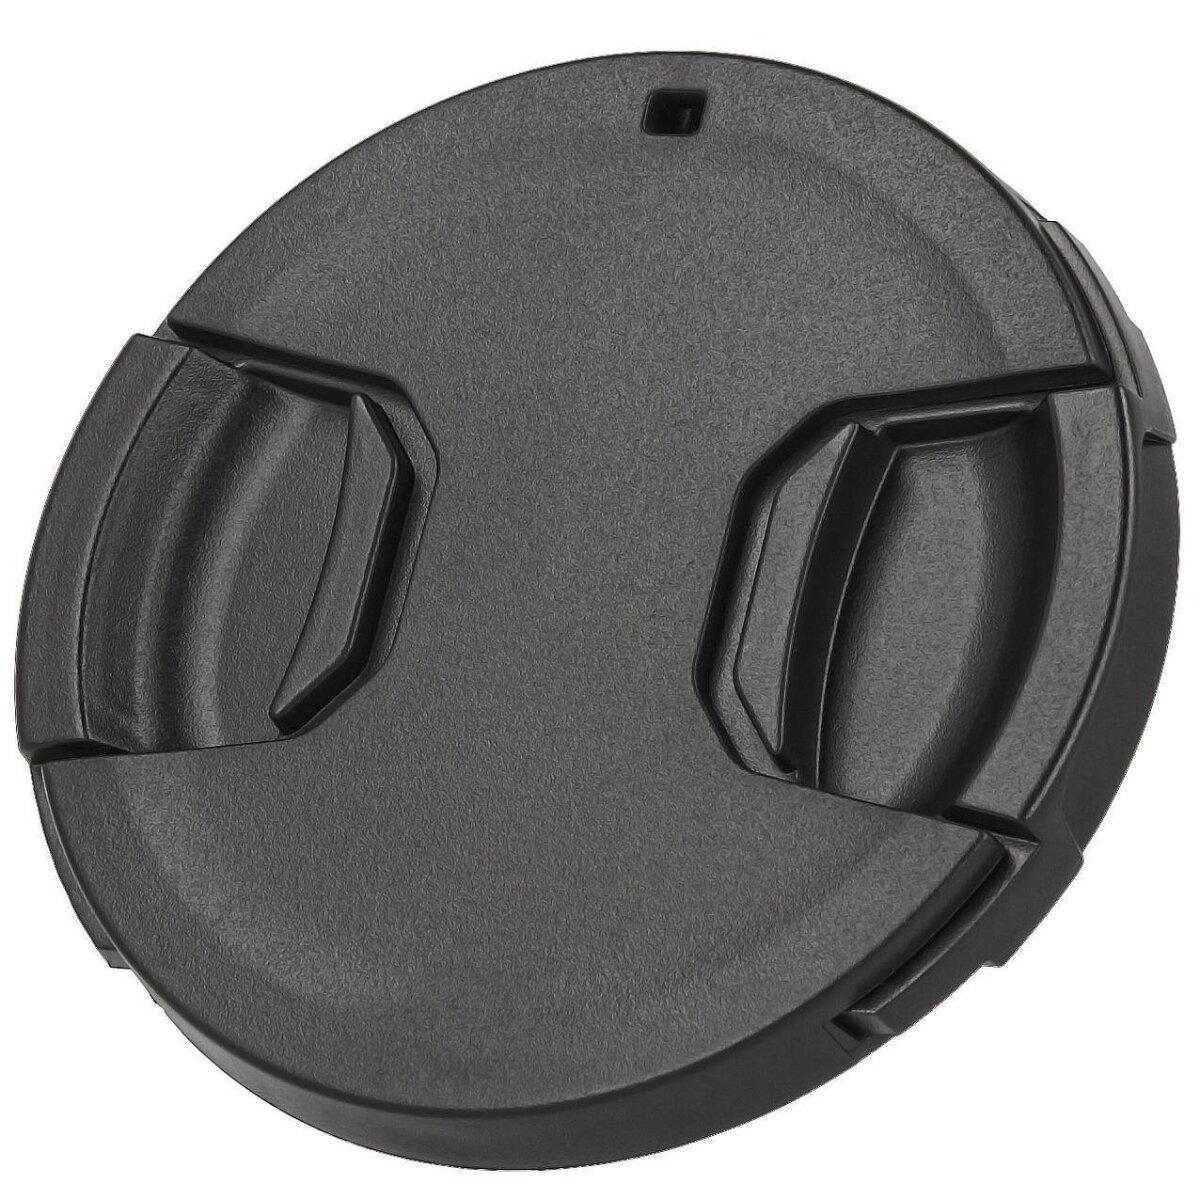 JJC Objektivdeckel 52mm Filtergewinde Lens Cap Frontdeckel Schnappdeckel für Objektive geeignet